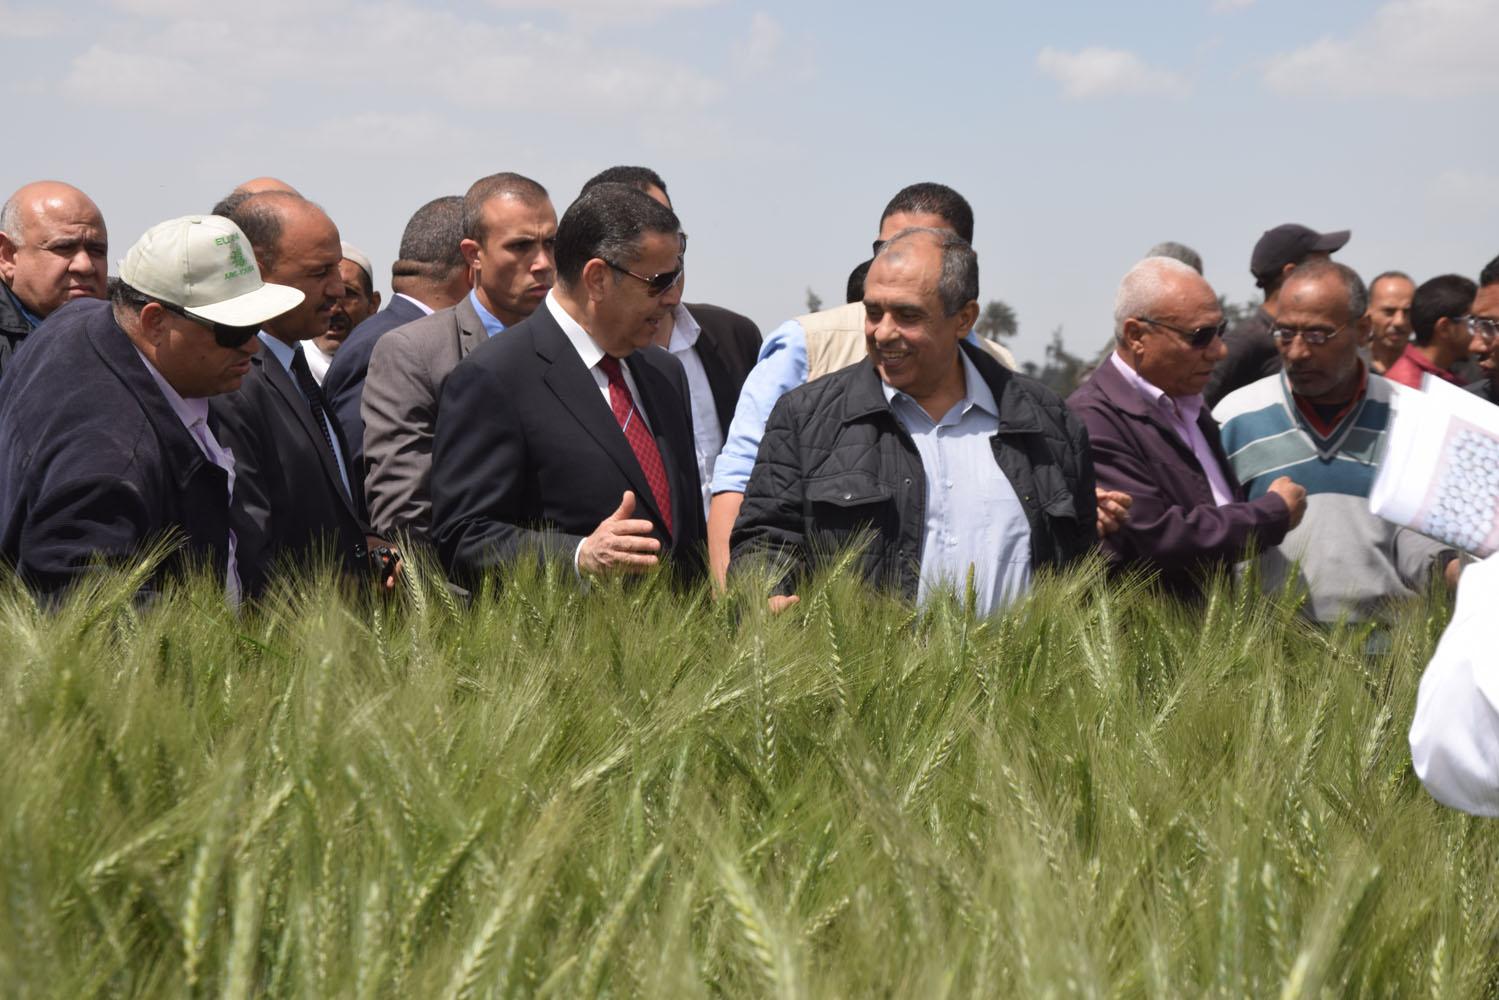 جولة وزير الزراعة ومحافظ بنى سويف بمحطة البحوث بسدس (2)